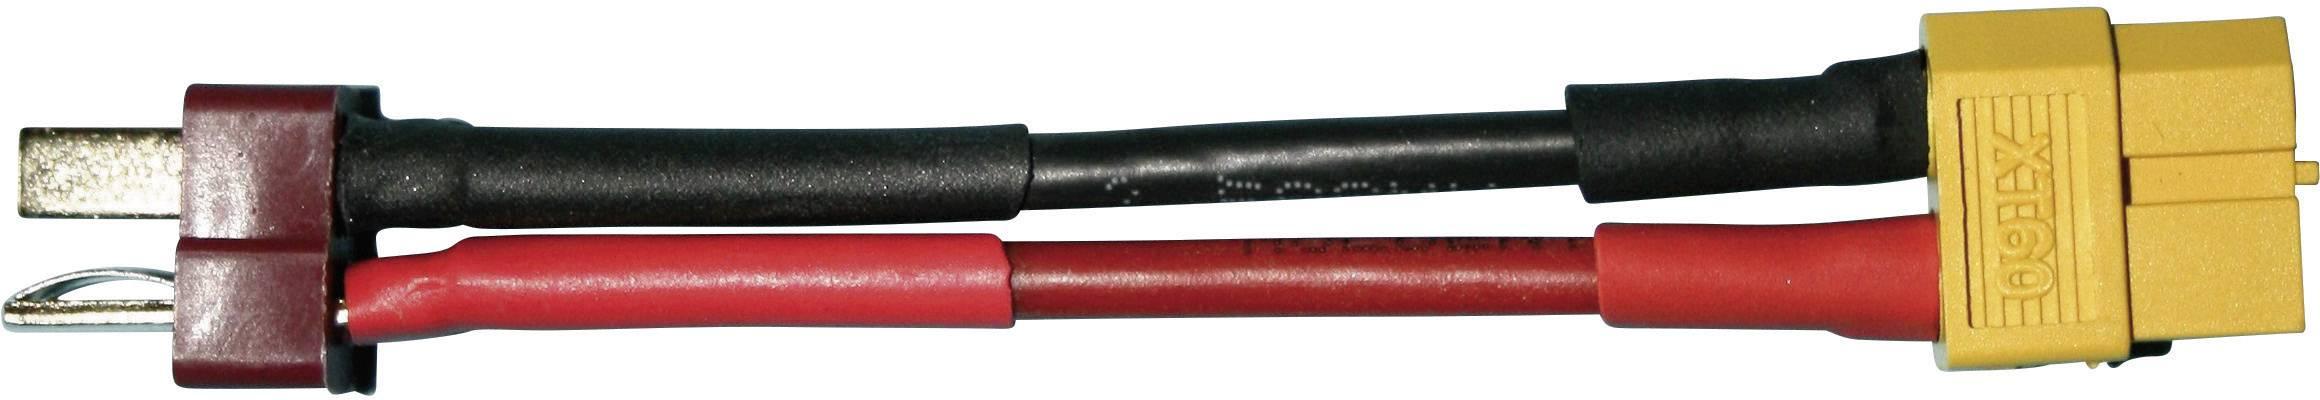 Redukce Modelcraft T zástrčka/ XT-60 zásuvka, 700 mm, 2,5 mm²